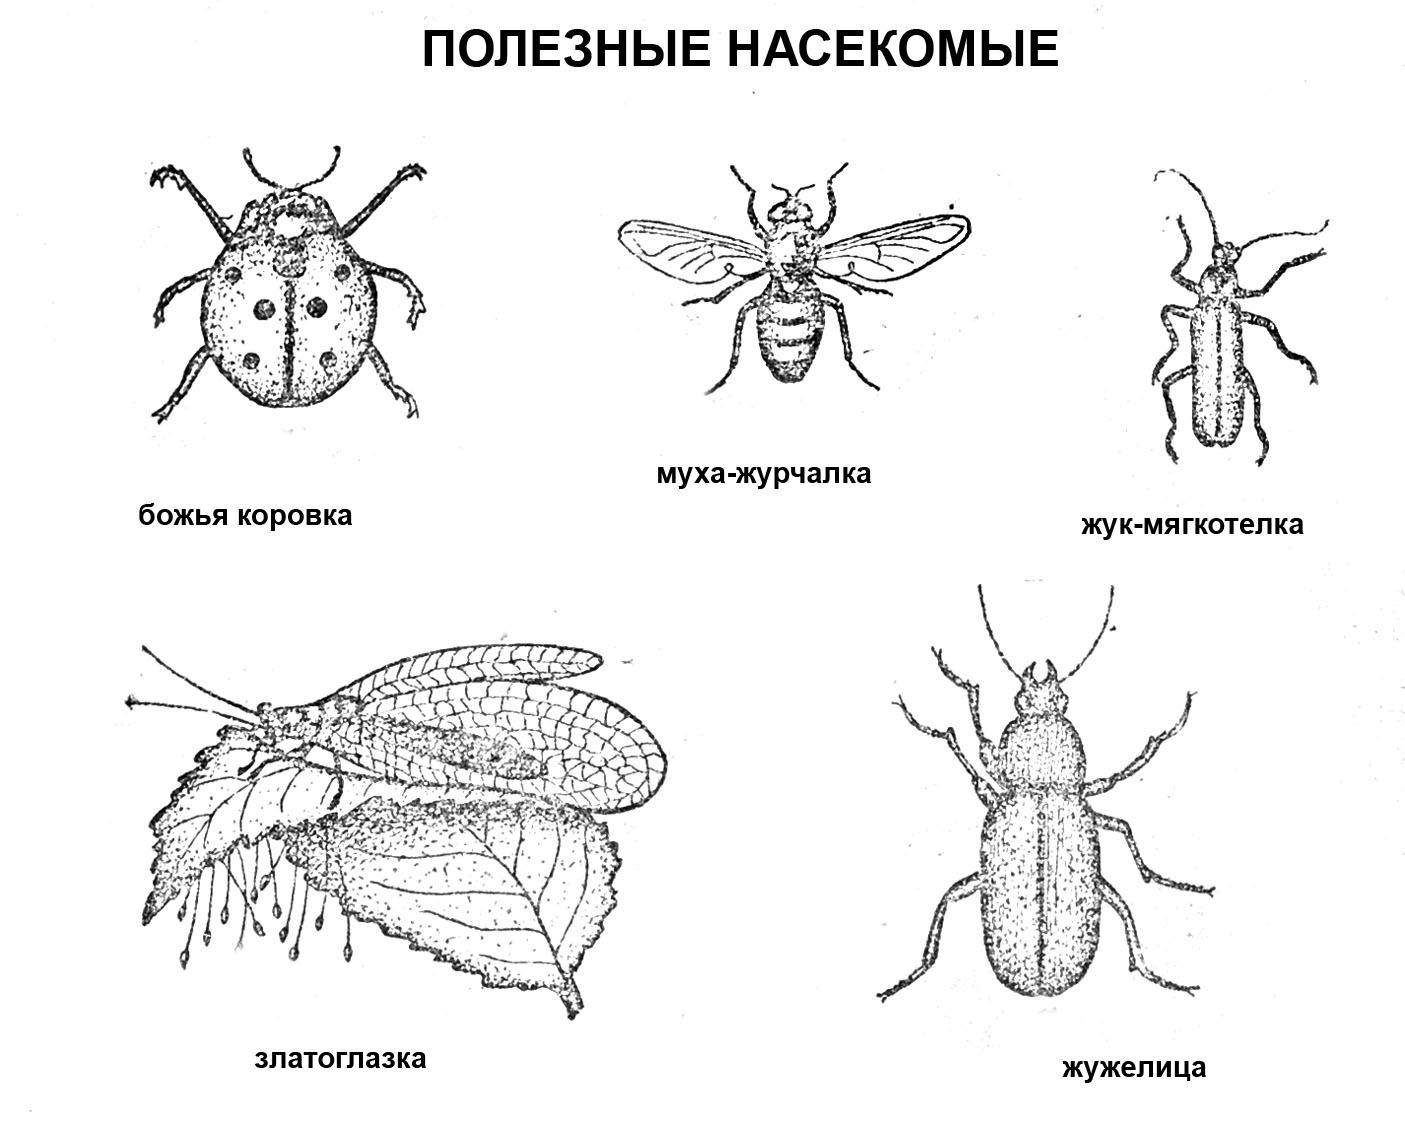 раскраска полезные насекомые с названиями